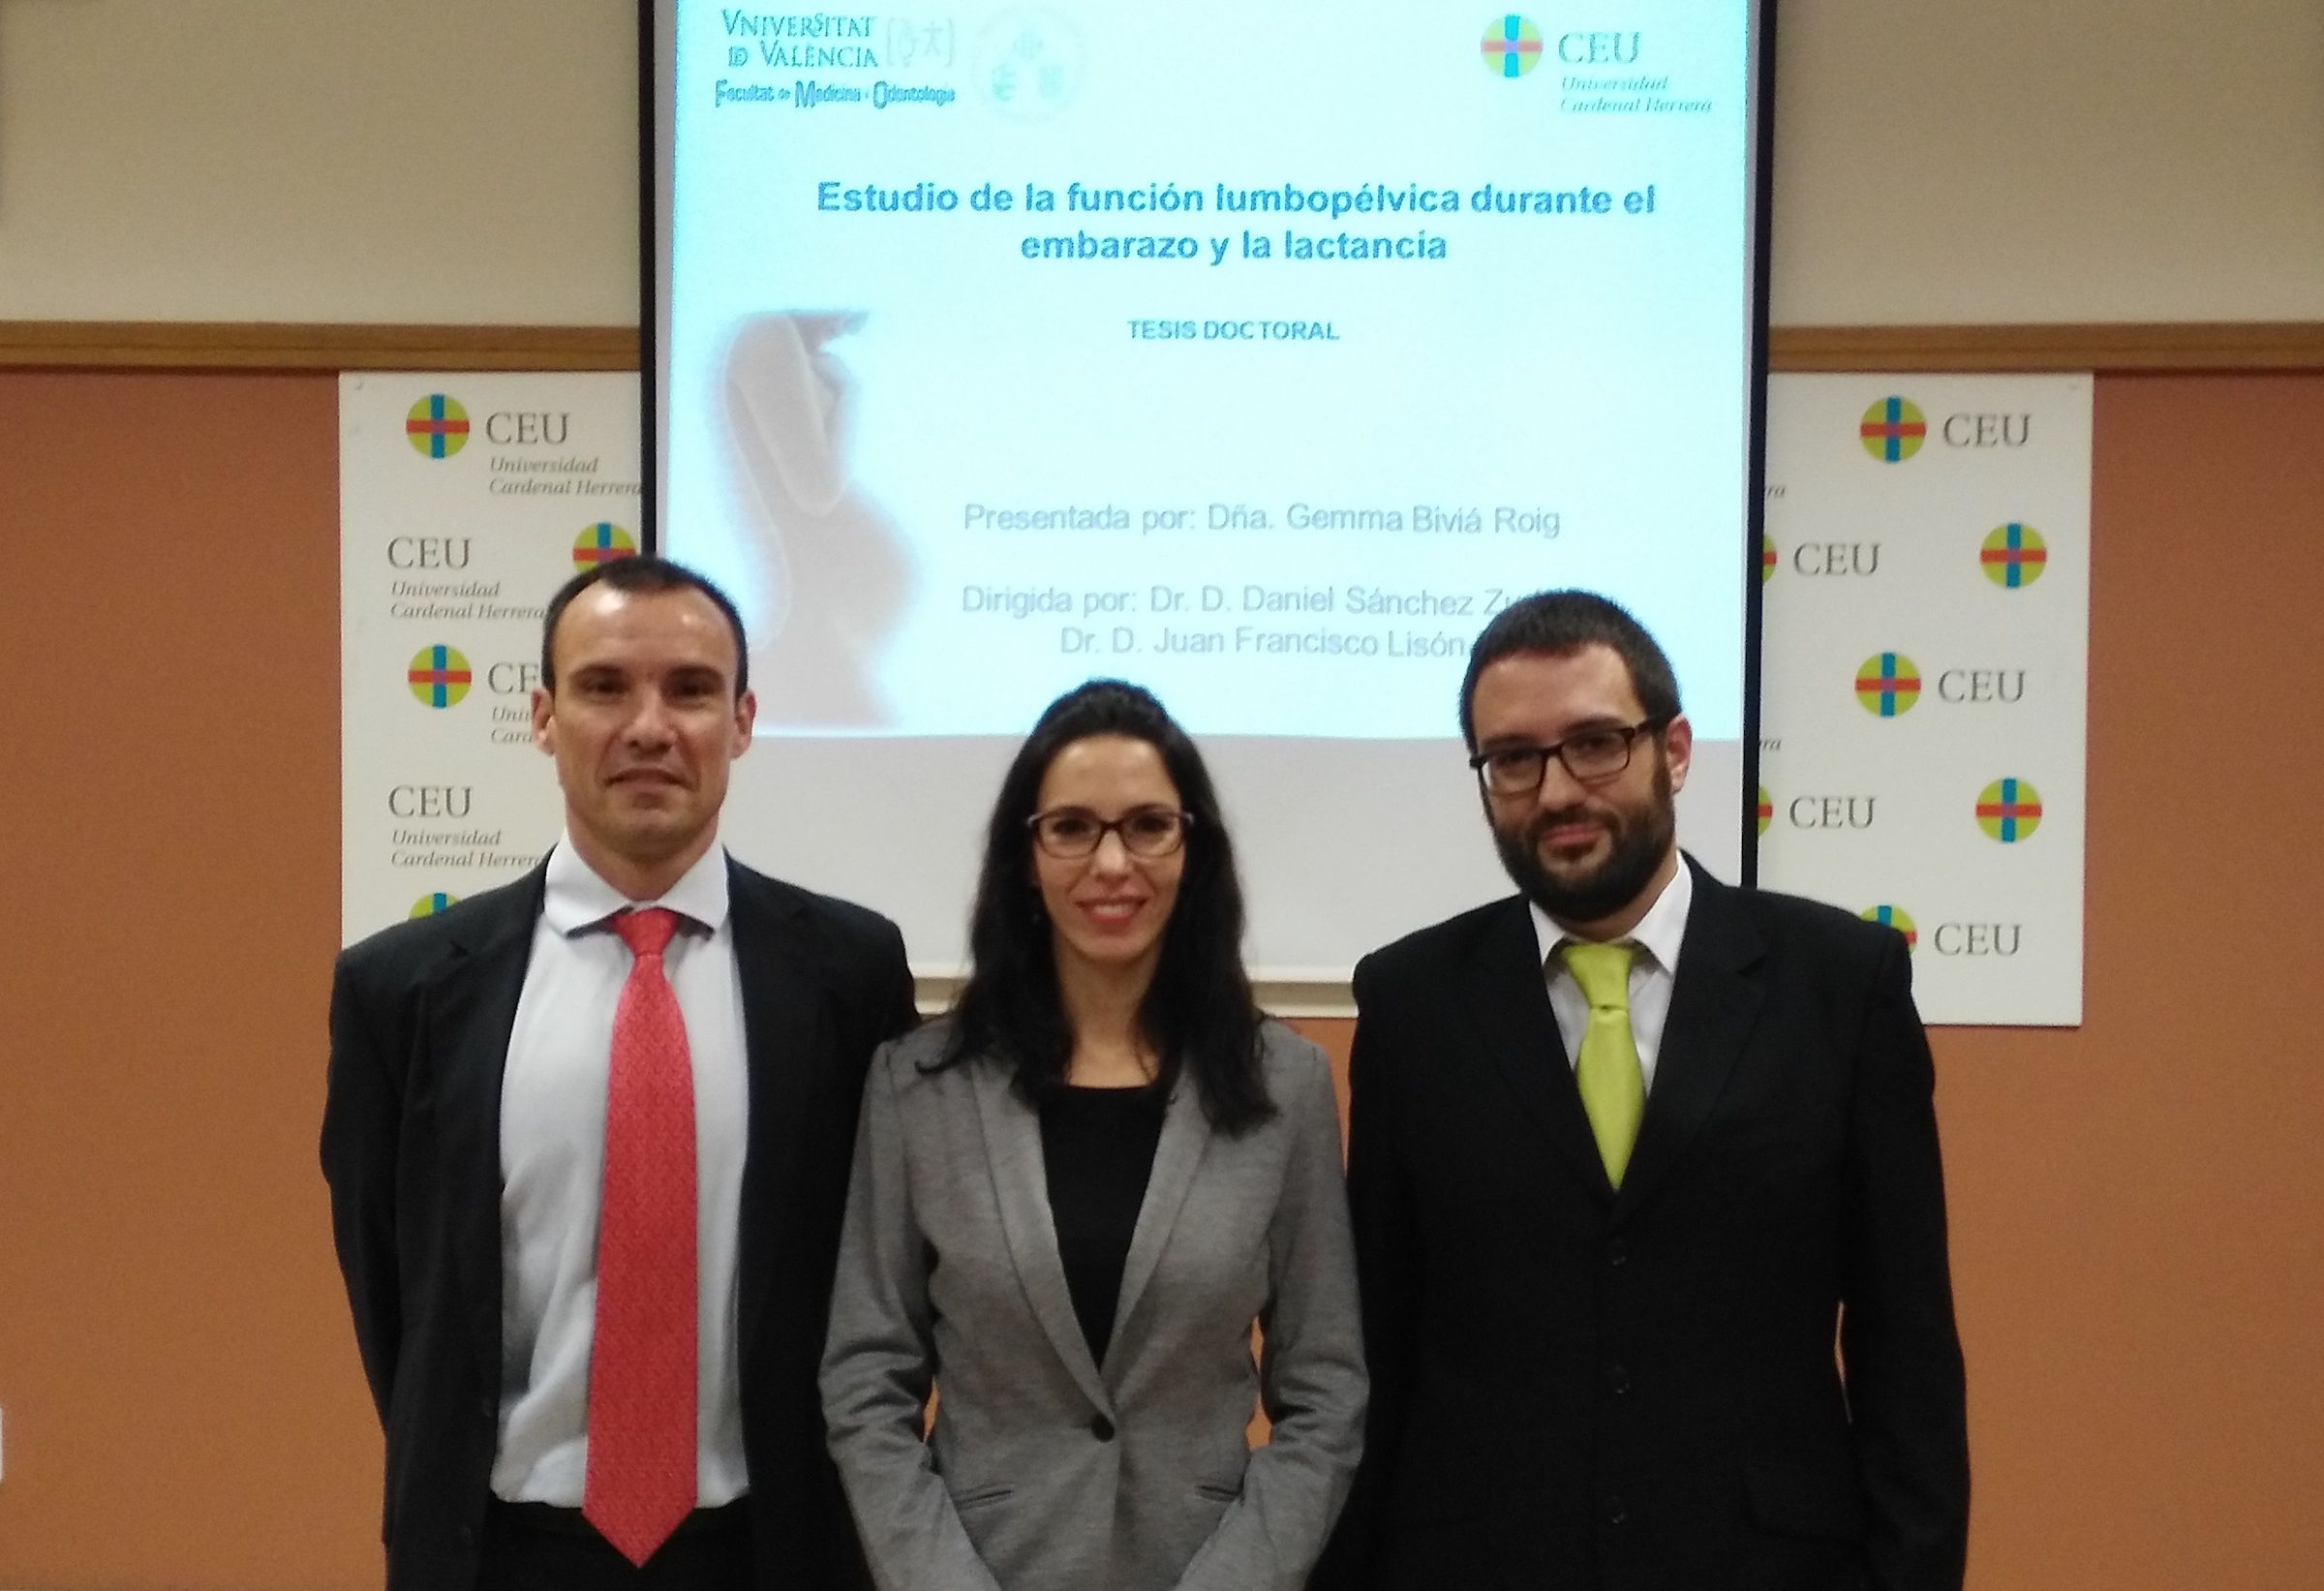 Los investigadores Juan Francisco Lisón (CEU UCH), Gemma Biviá (CEU UCH) y Daniel Zuriaga (UV), autores del estudio sobre biomecánica de la región lumbar de las mujeres embarazadas.